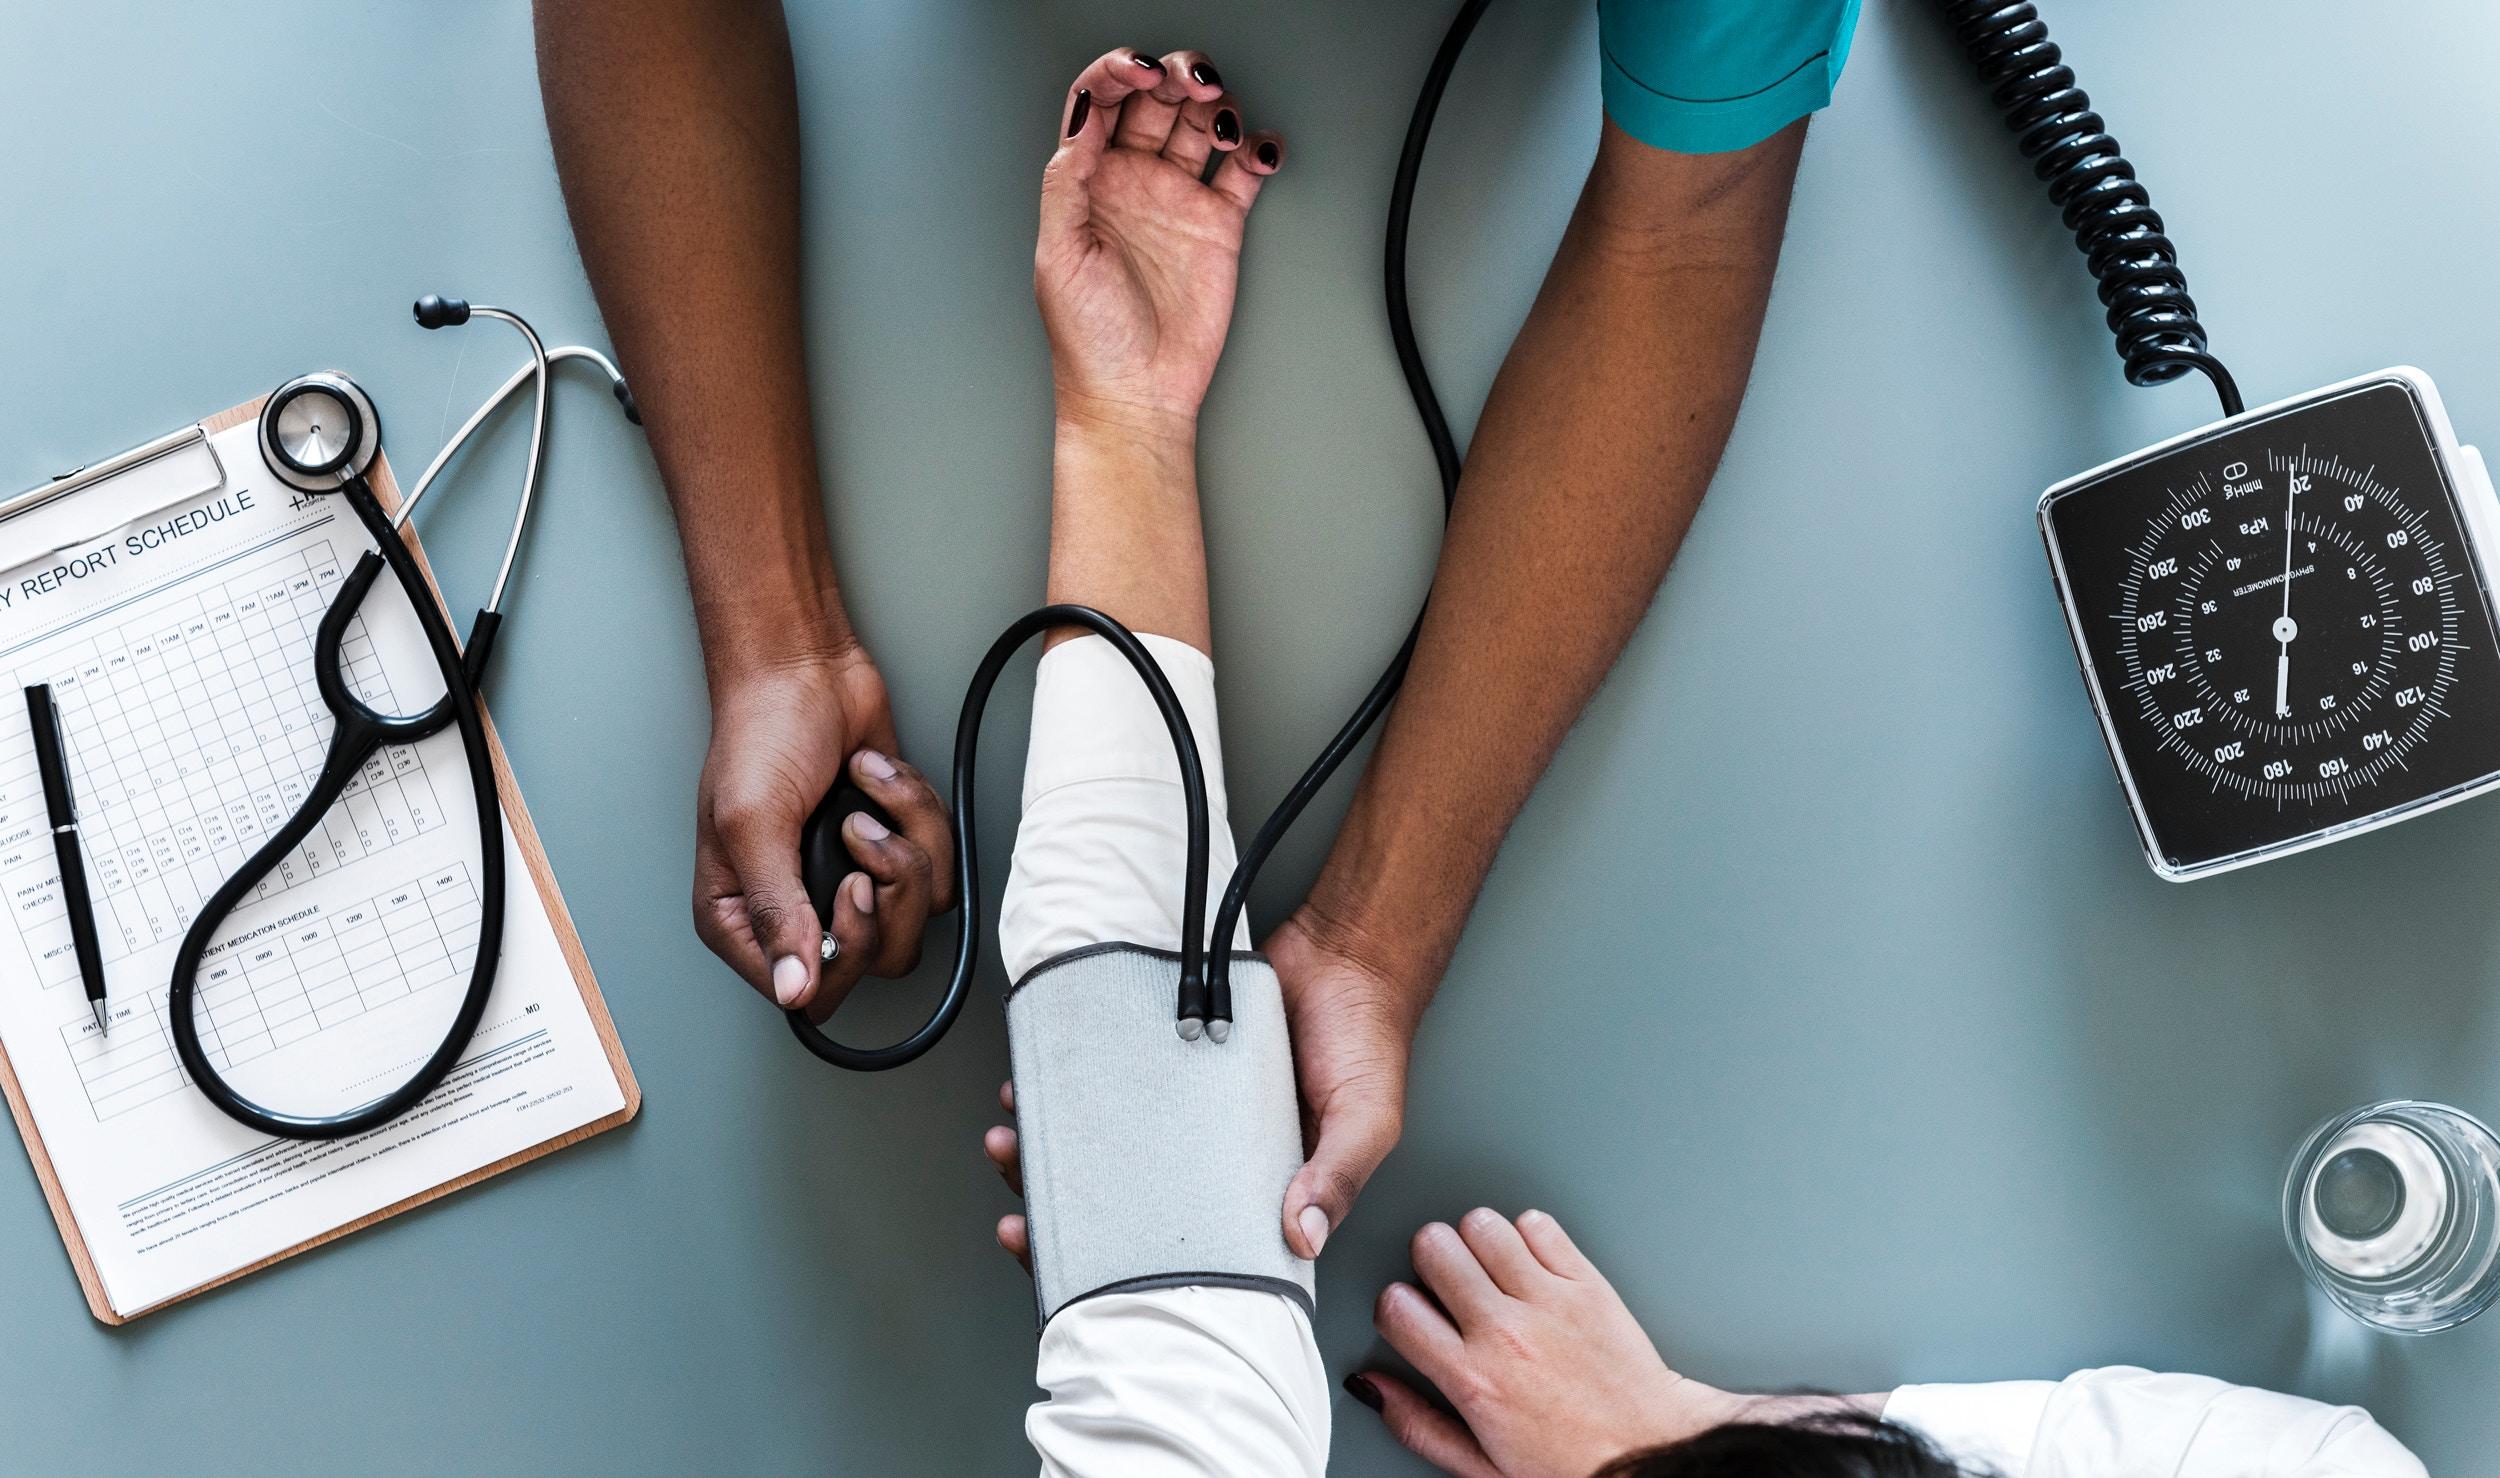 Former au français médical le personnel d'un hôpital